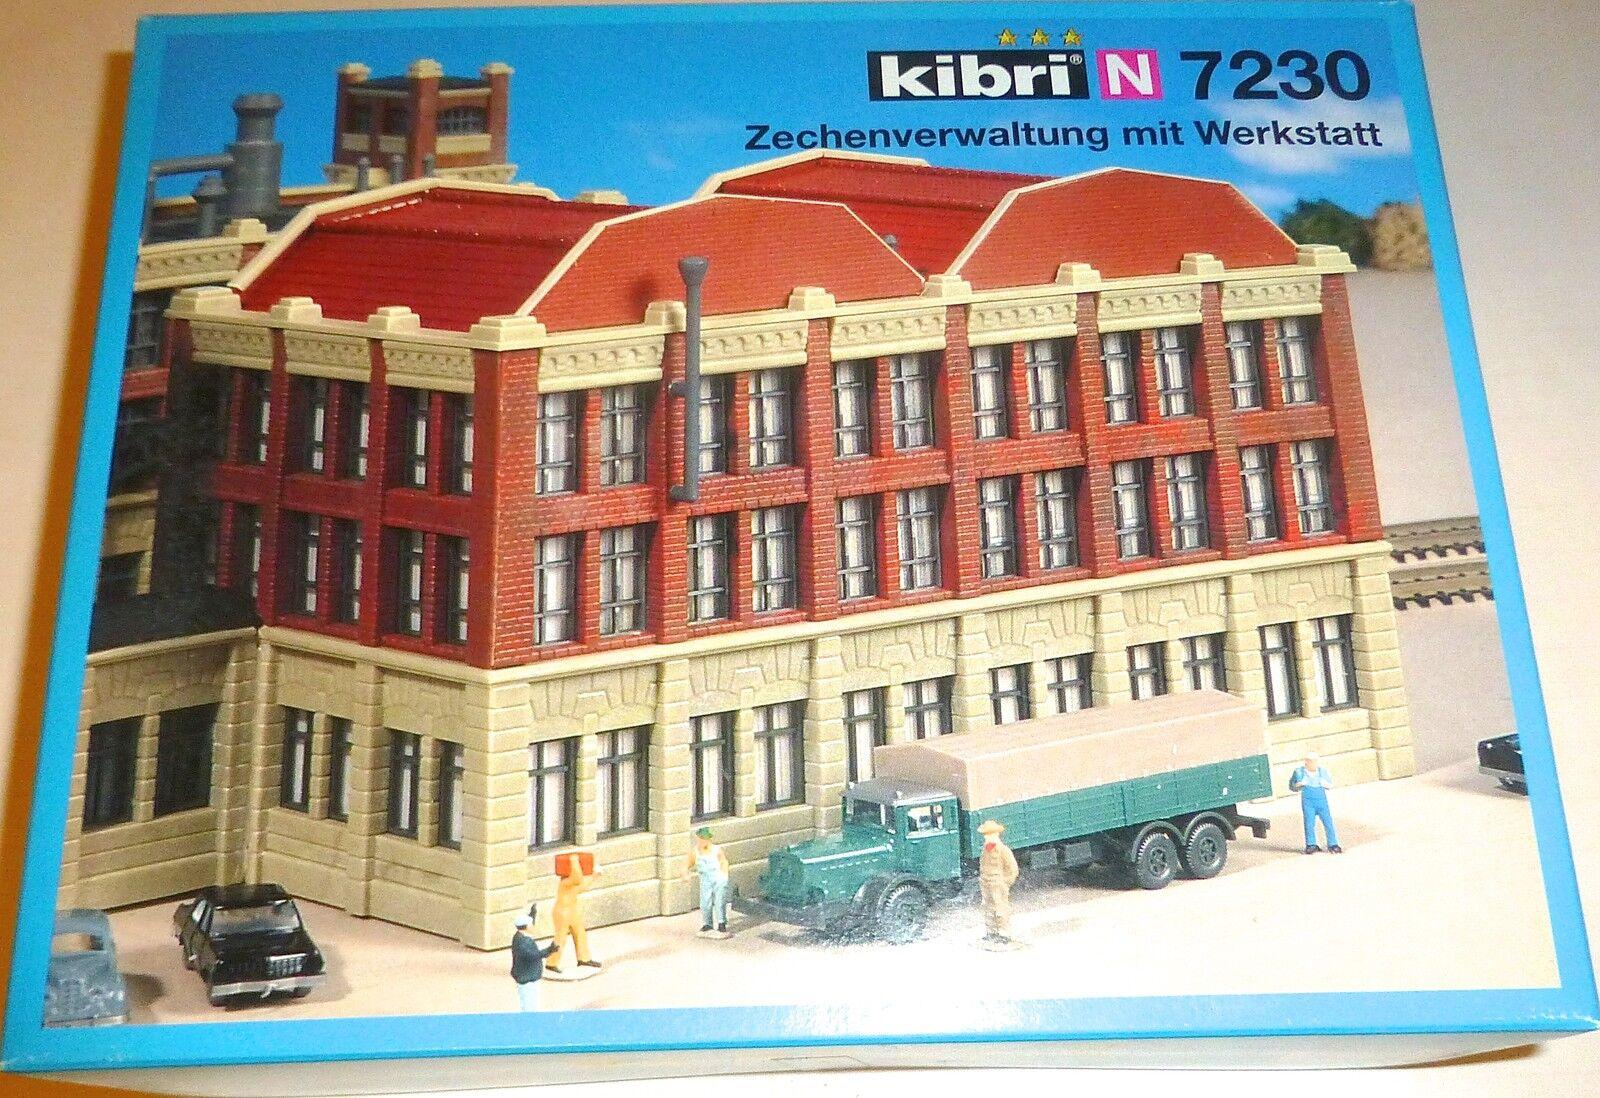 Zechenverwaltung con officina kit di costruzione conf. orig. Kibri 7230 H0 1:87